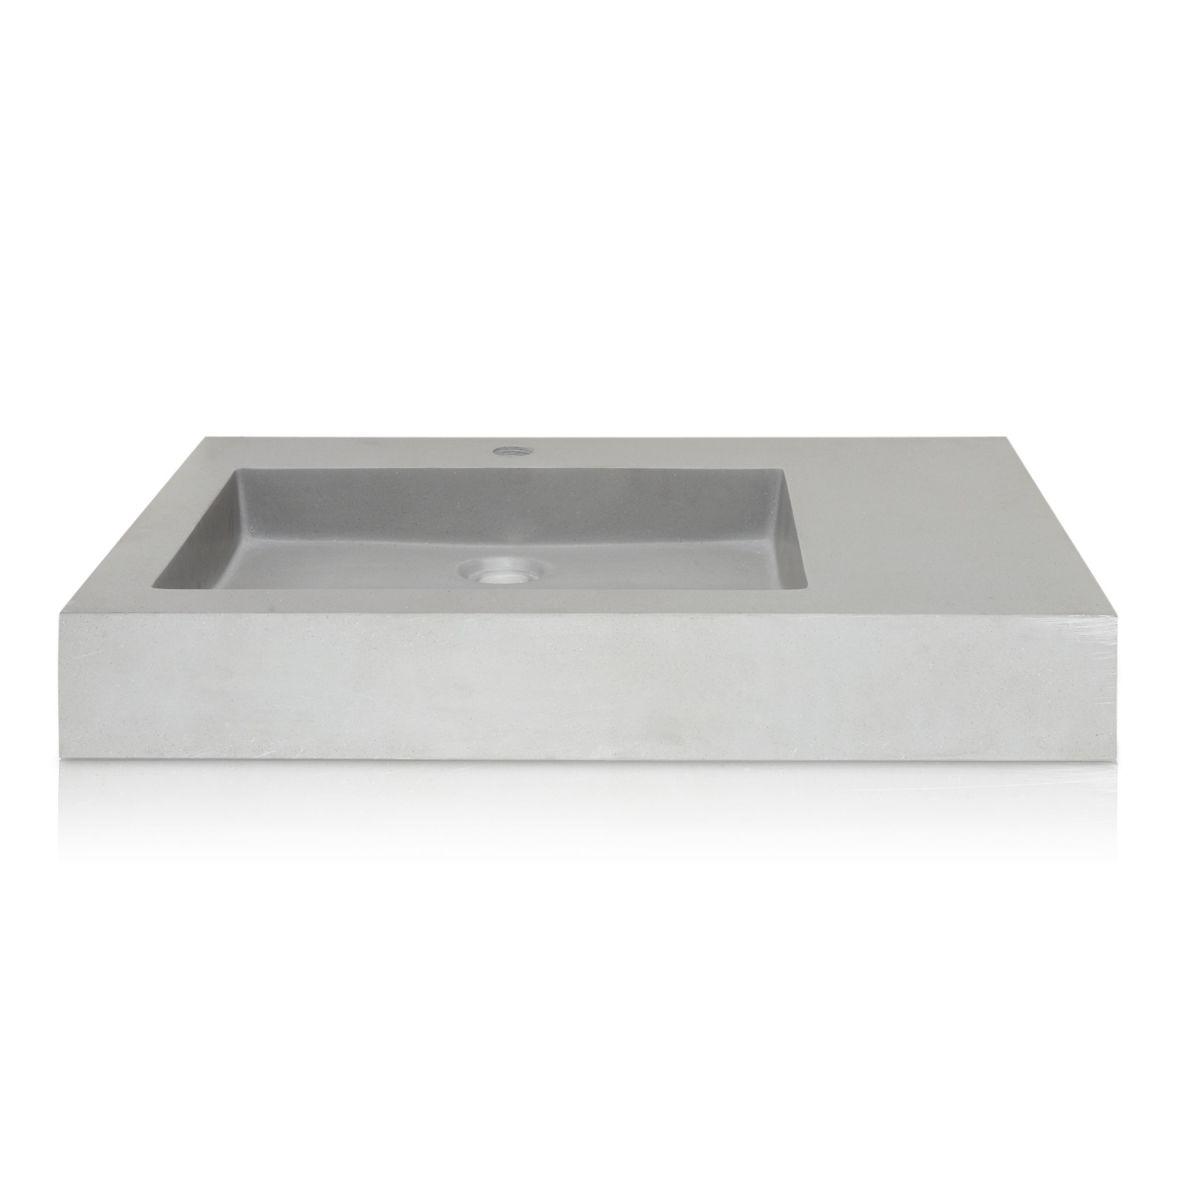 waschbecken beton optik g nstig schnell einkaufen. Black Bedroom Furniture Sets. Home Design Ideas